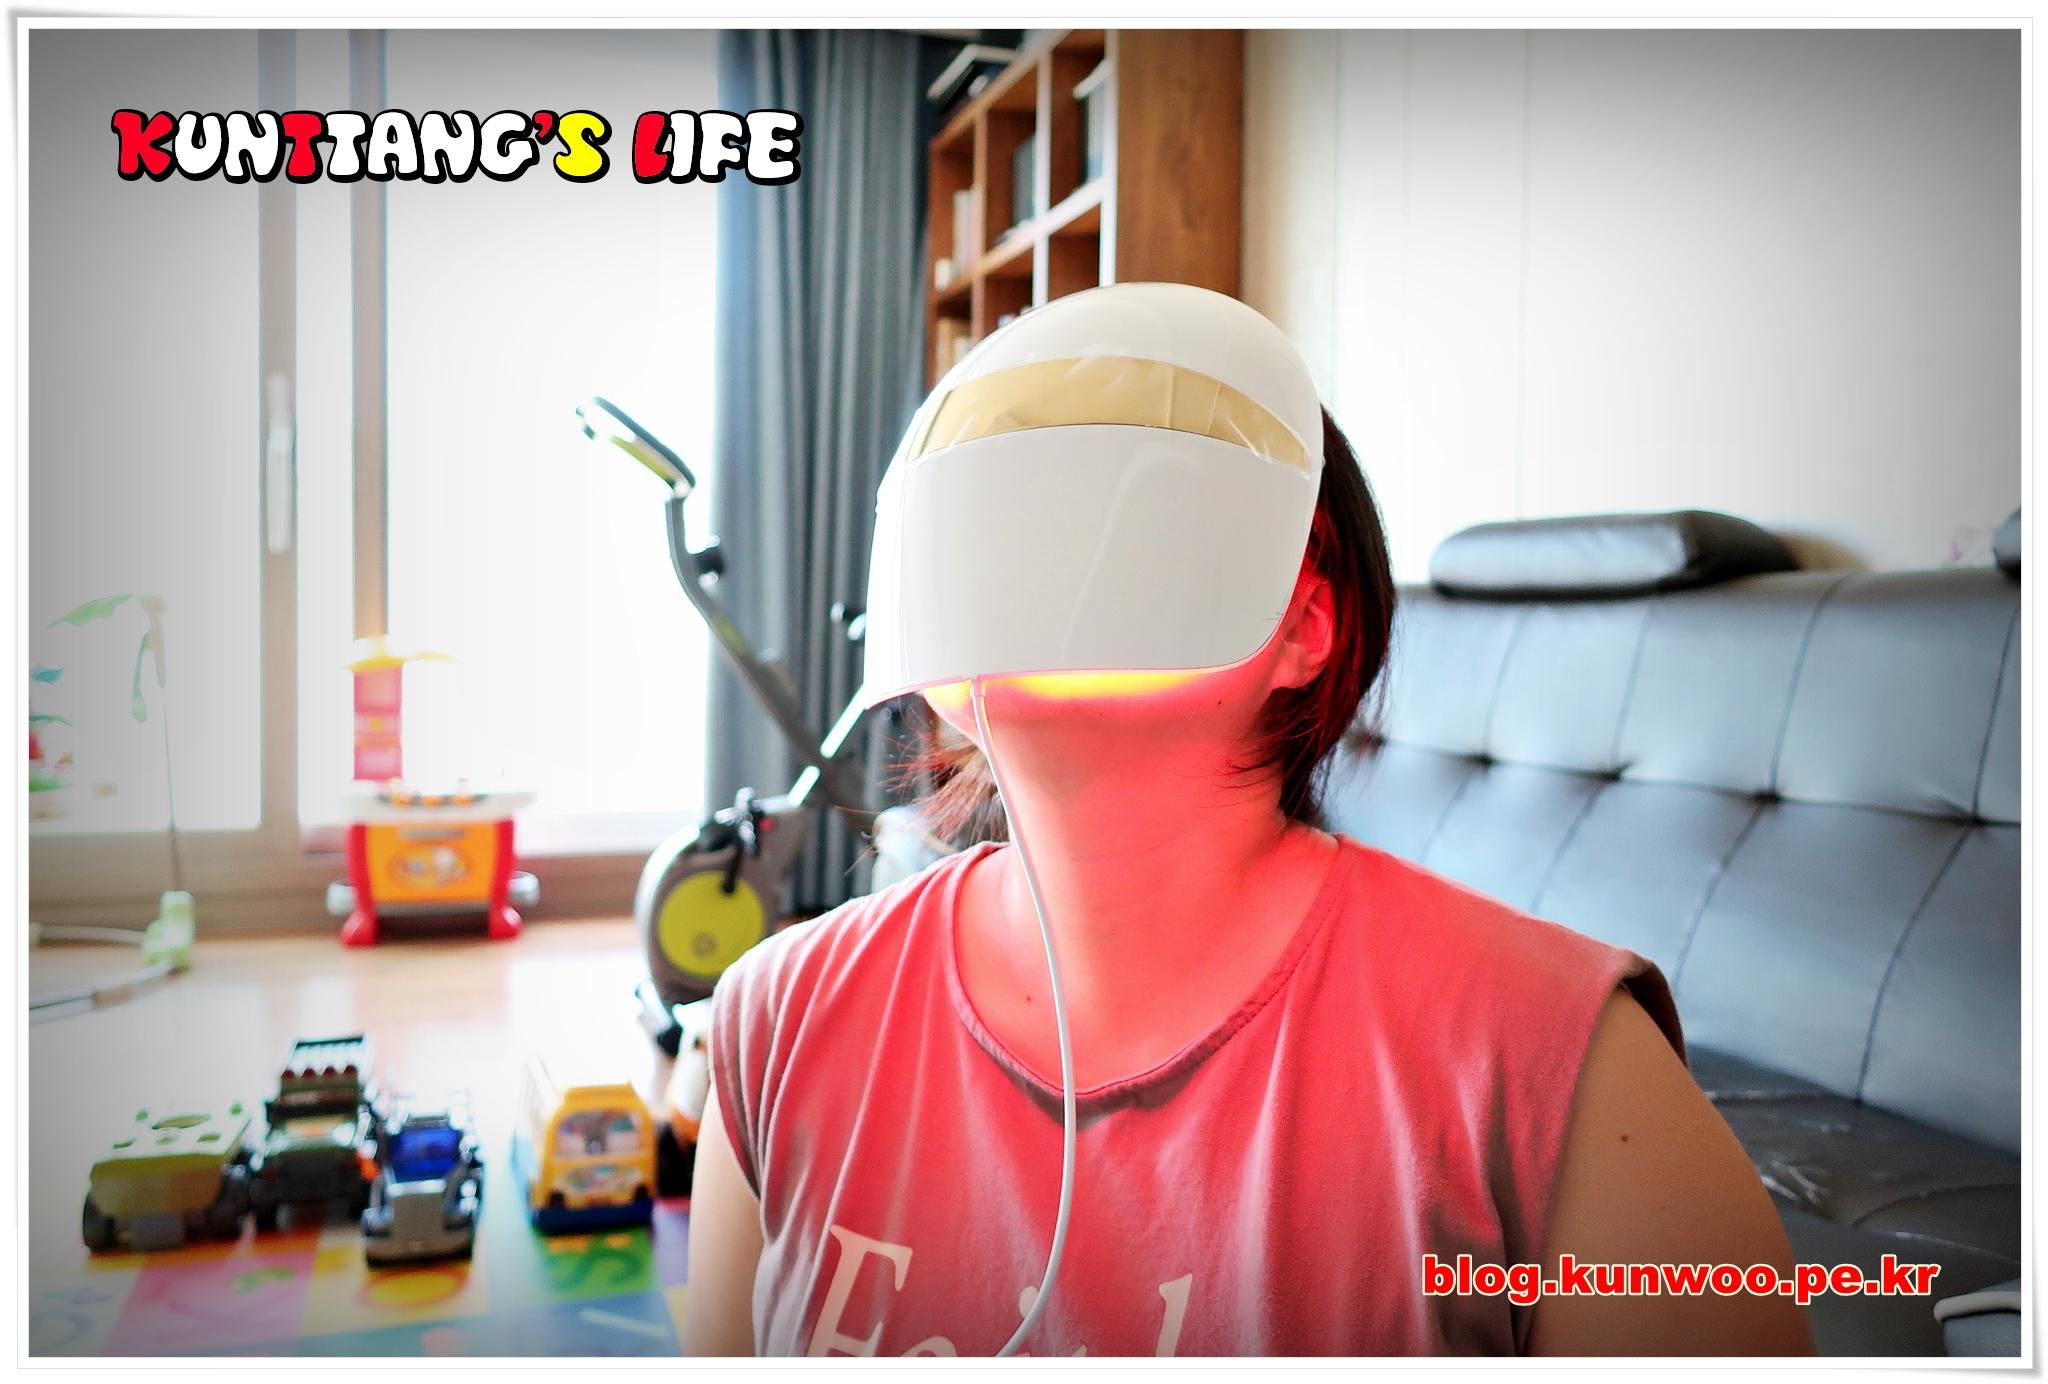 [그림12] Derma LED Mask 착용모습